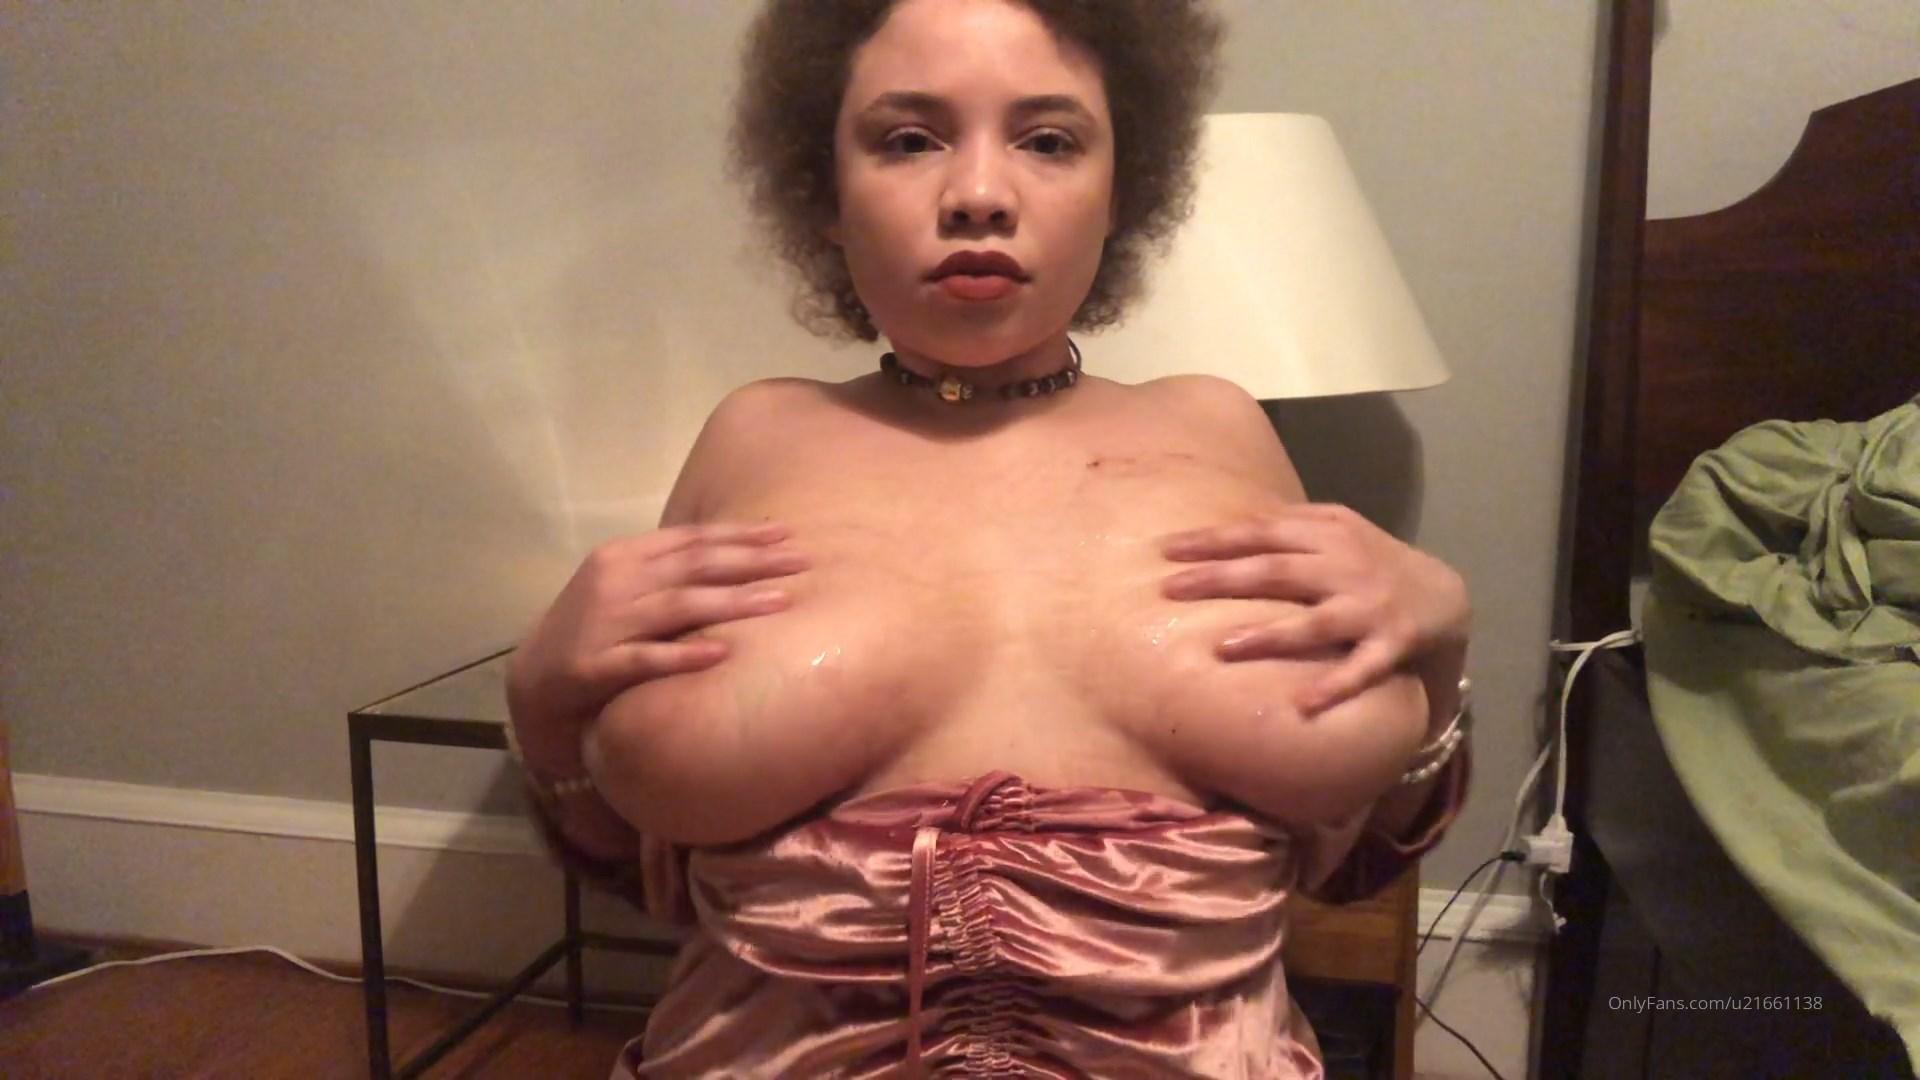 Mikaela Spielberg Nude Leaked0027